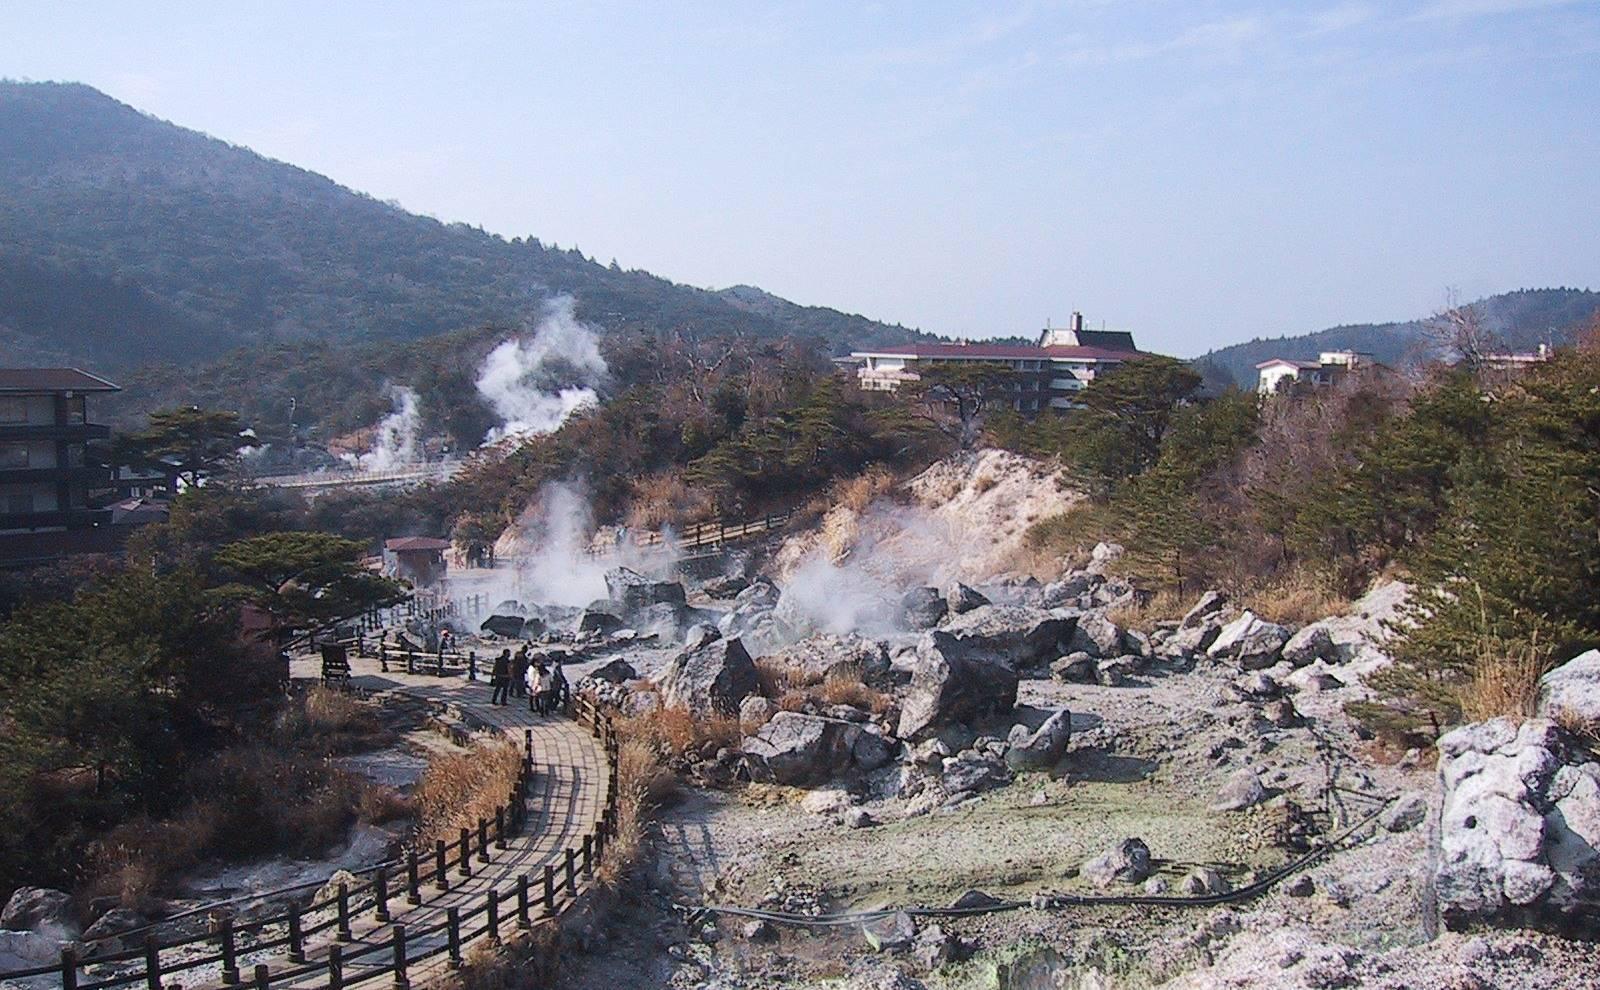 長崎-景點-推薦-雲仙溫泉-長崎必玩景點-長崎必去景點-長崎好玩景點-市區-攻略-長崎自由行景點-長崎旅遊景點-長崎觀光景點-長崎行程-長崎旅行-日本-Nagasaki-Tourist-Attraction